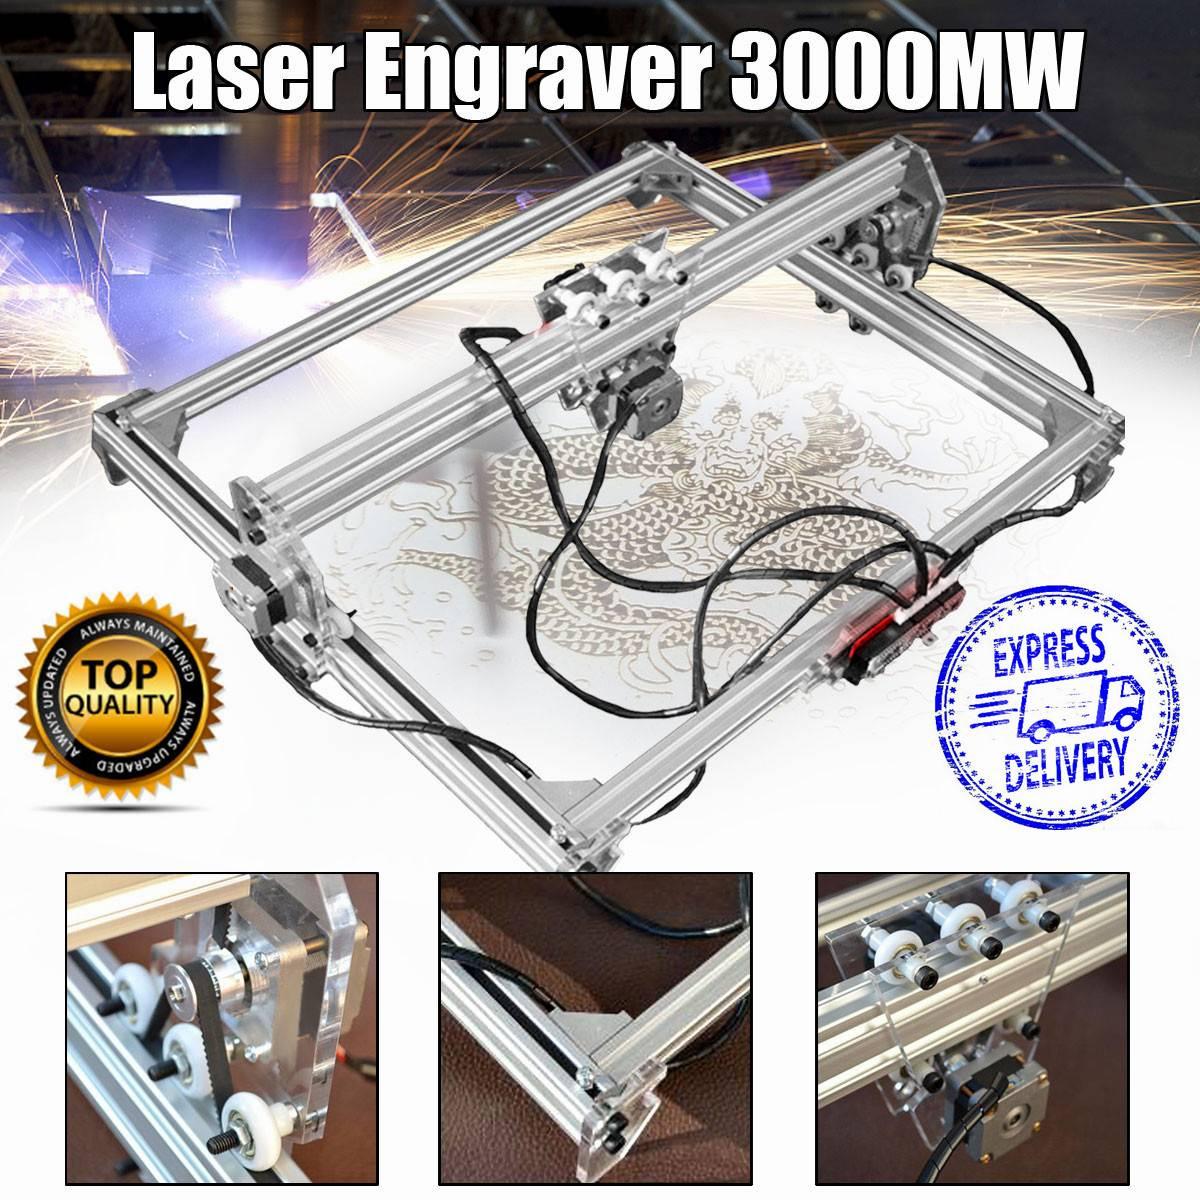 15 W/3000 mw 50*65 cm CNC Laser graveur Machine de gravure pour métal/bois routeur/bricolage Cutter 2 axes graveur bureau Cutter + Laser